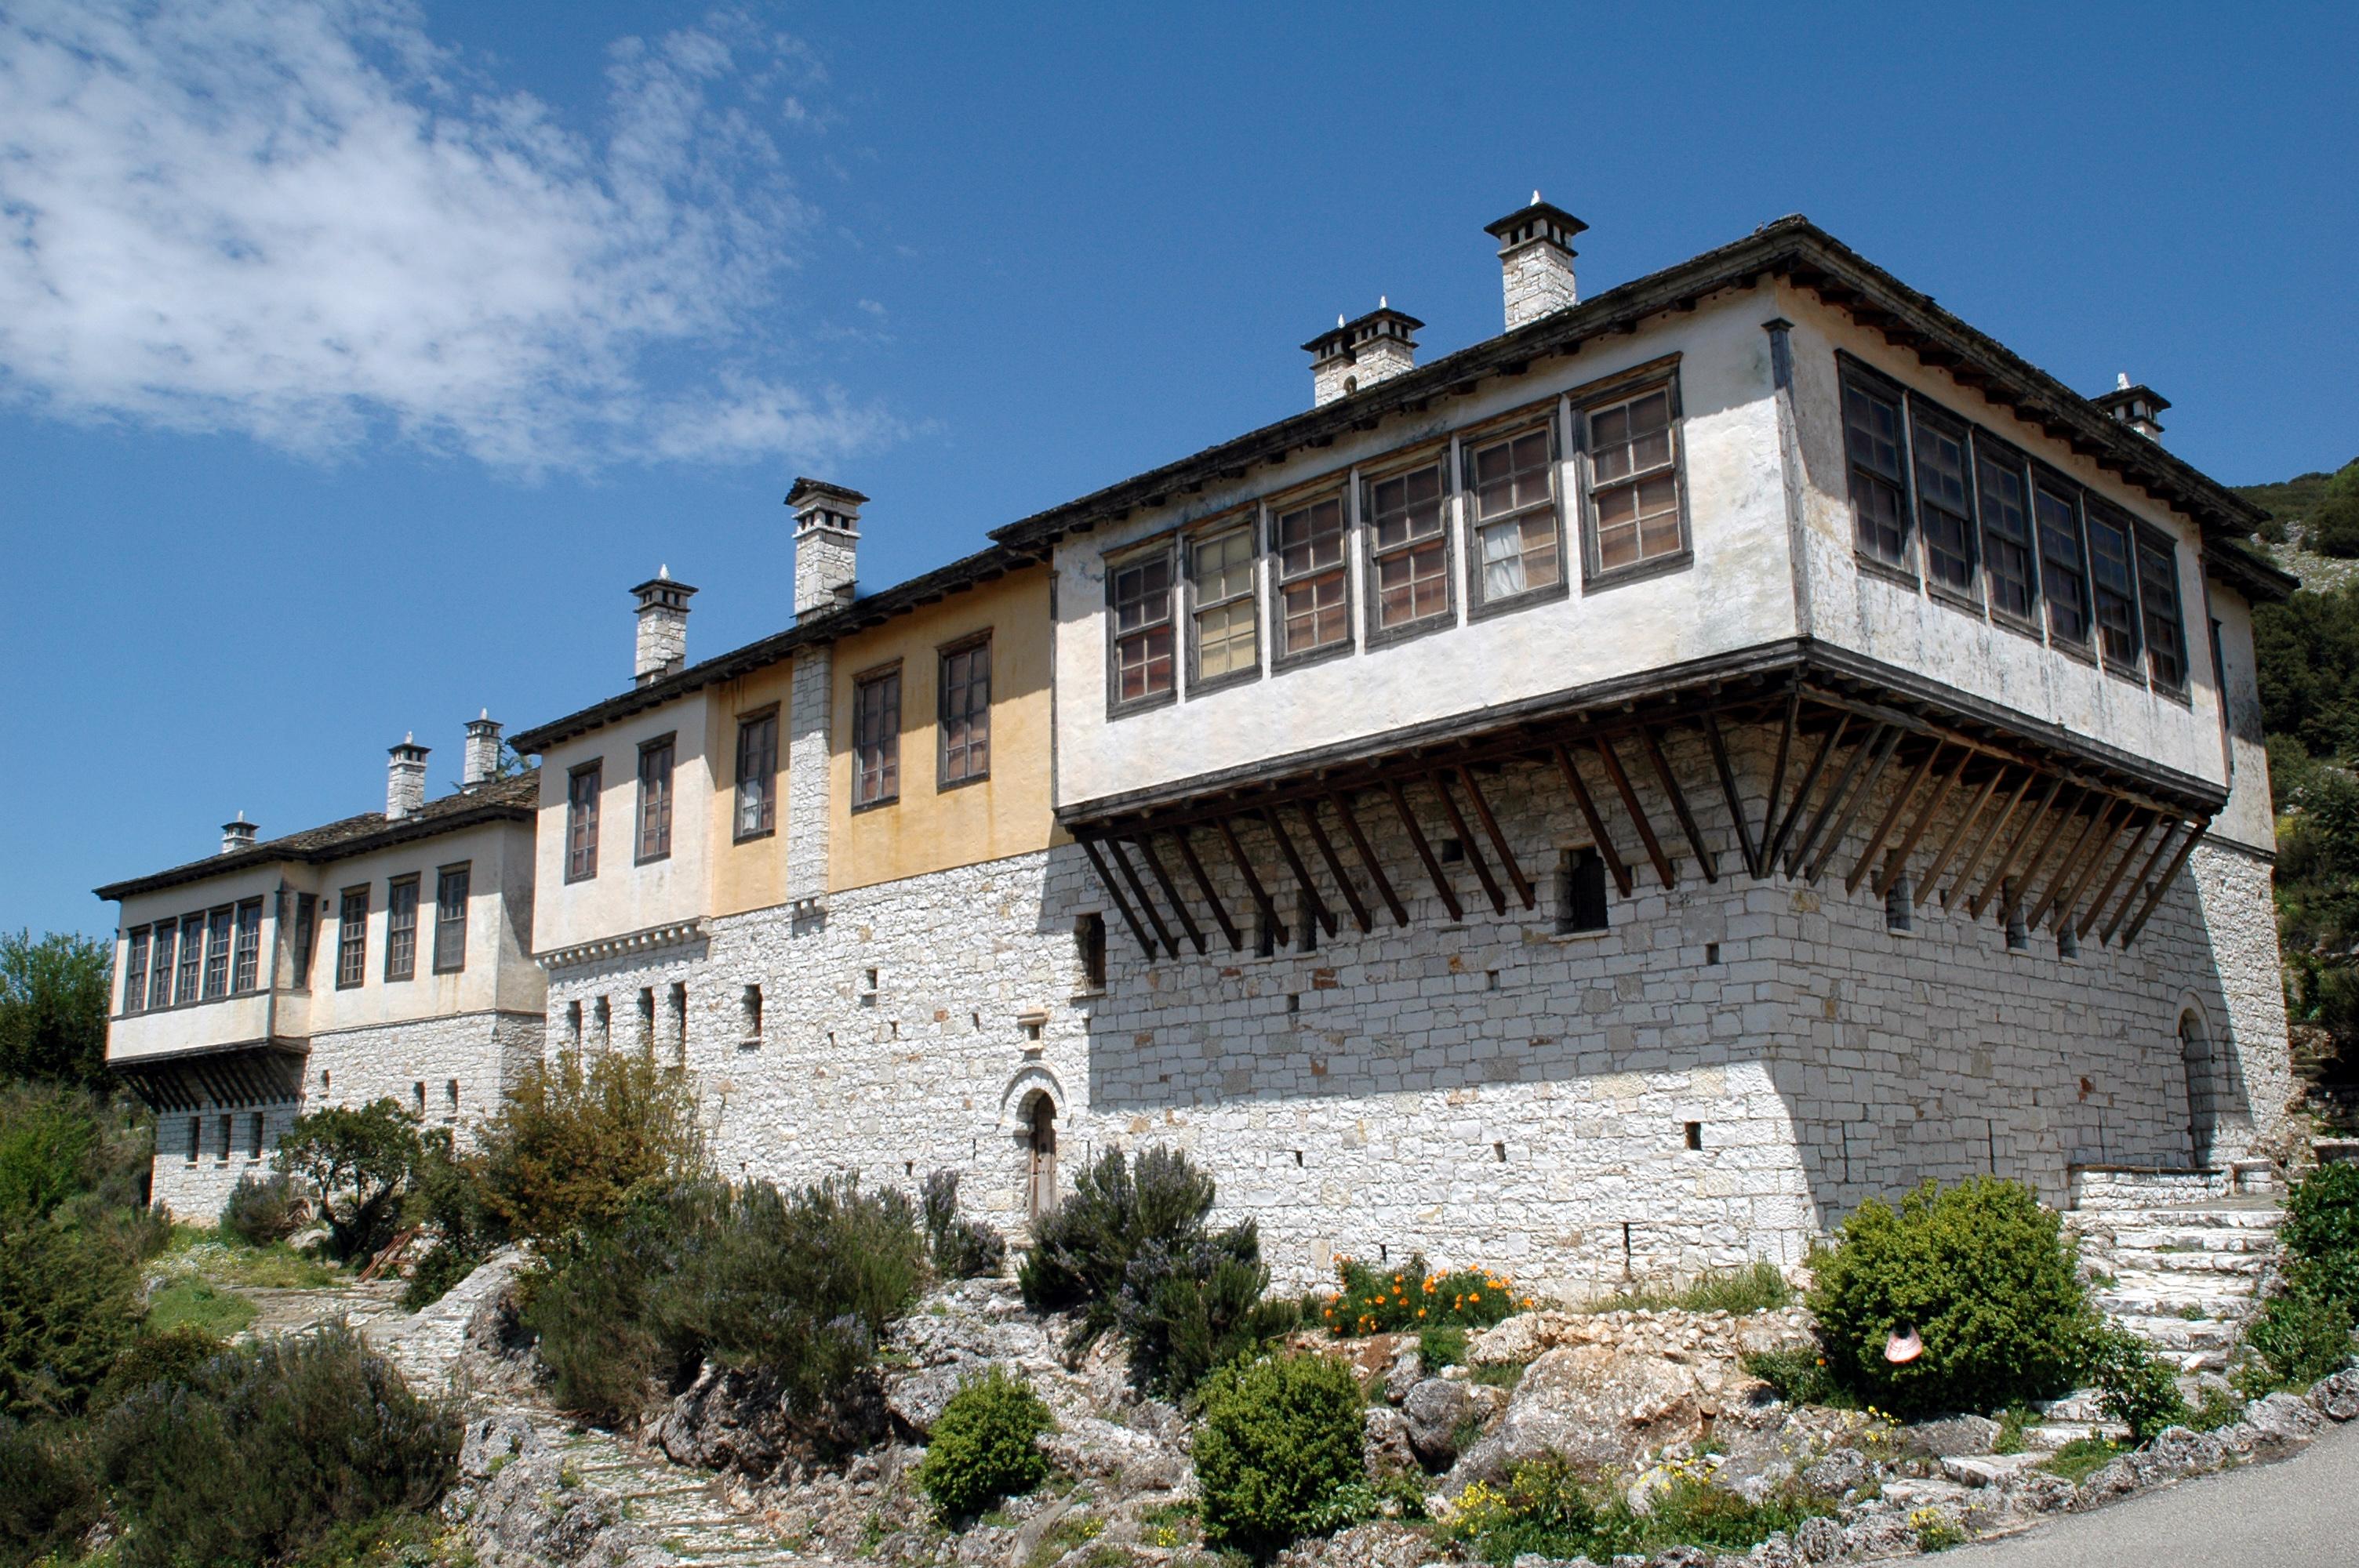 Μουσείο Ελληνικής Ιστορίας Παύλου Βρέλλη - Βικιπαίδεια